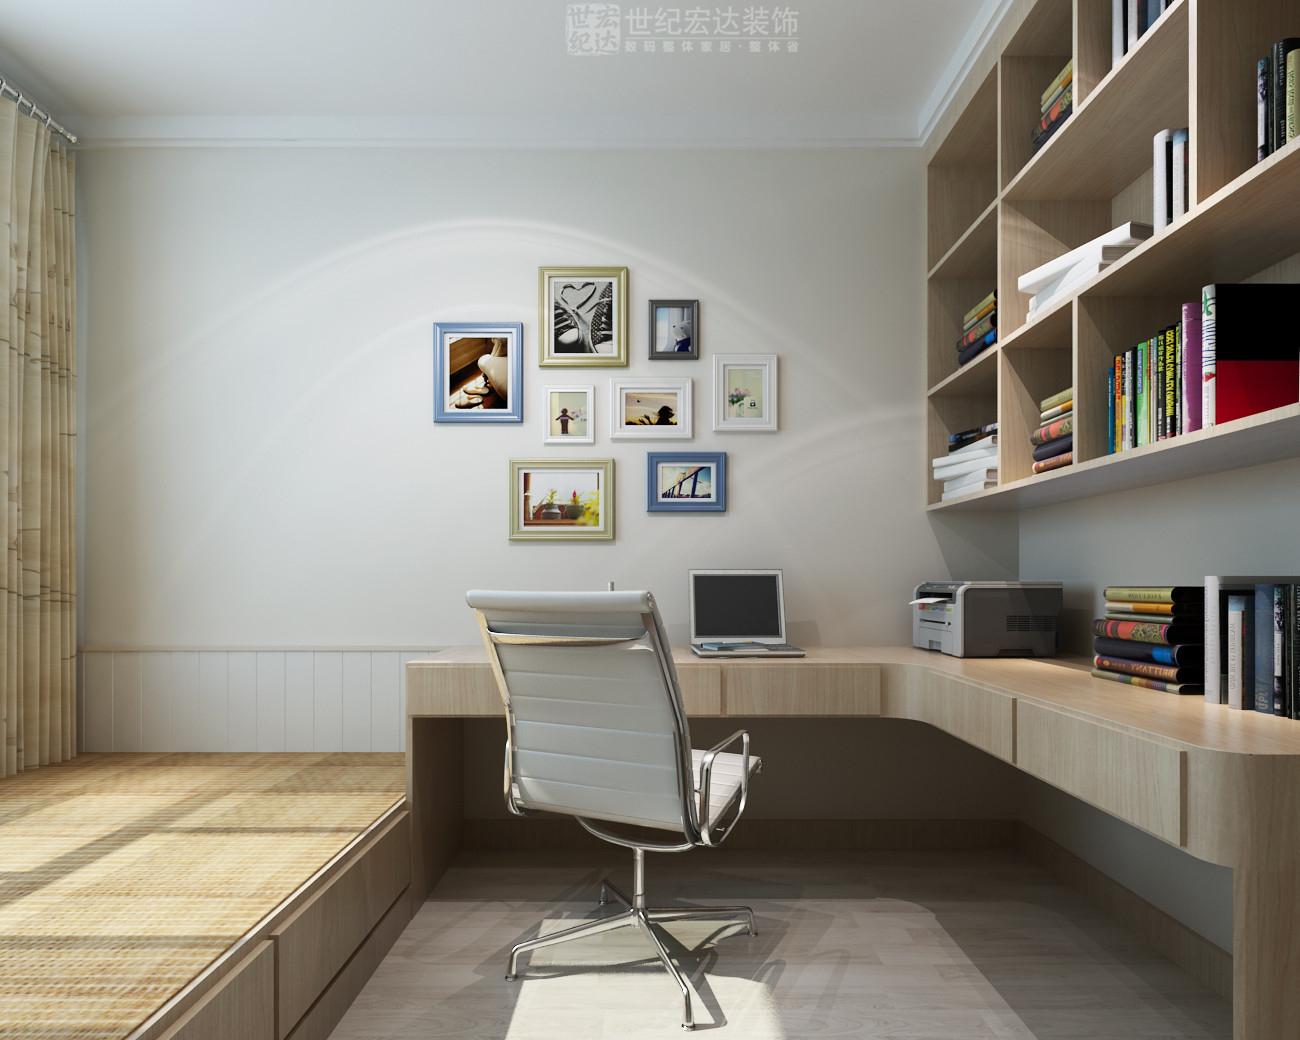 书房做了榻榻米,可以满足客房的功能需求,书桌做了转角的,实用性强